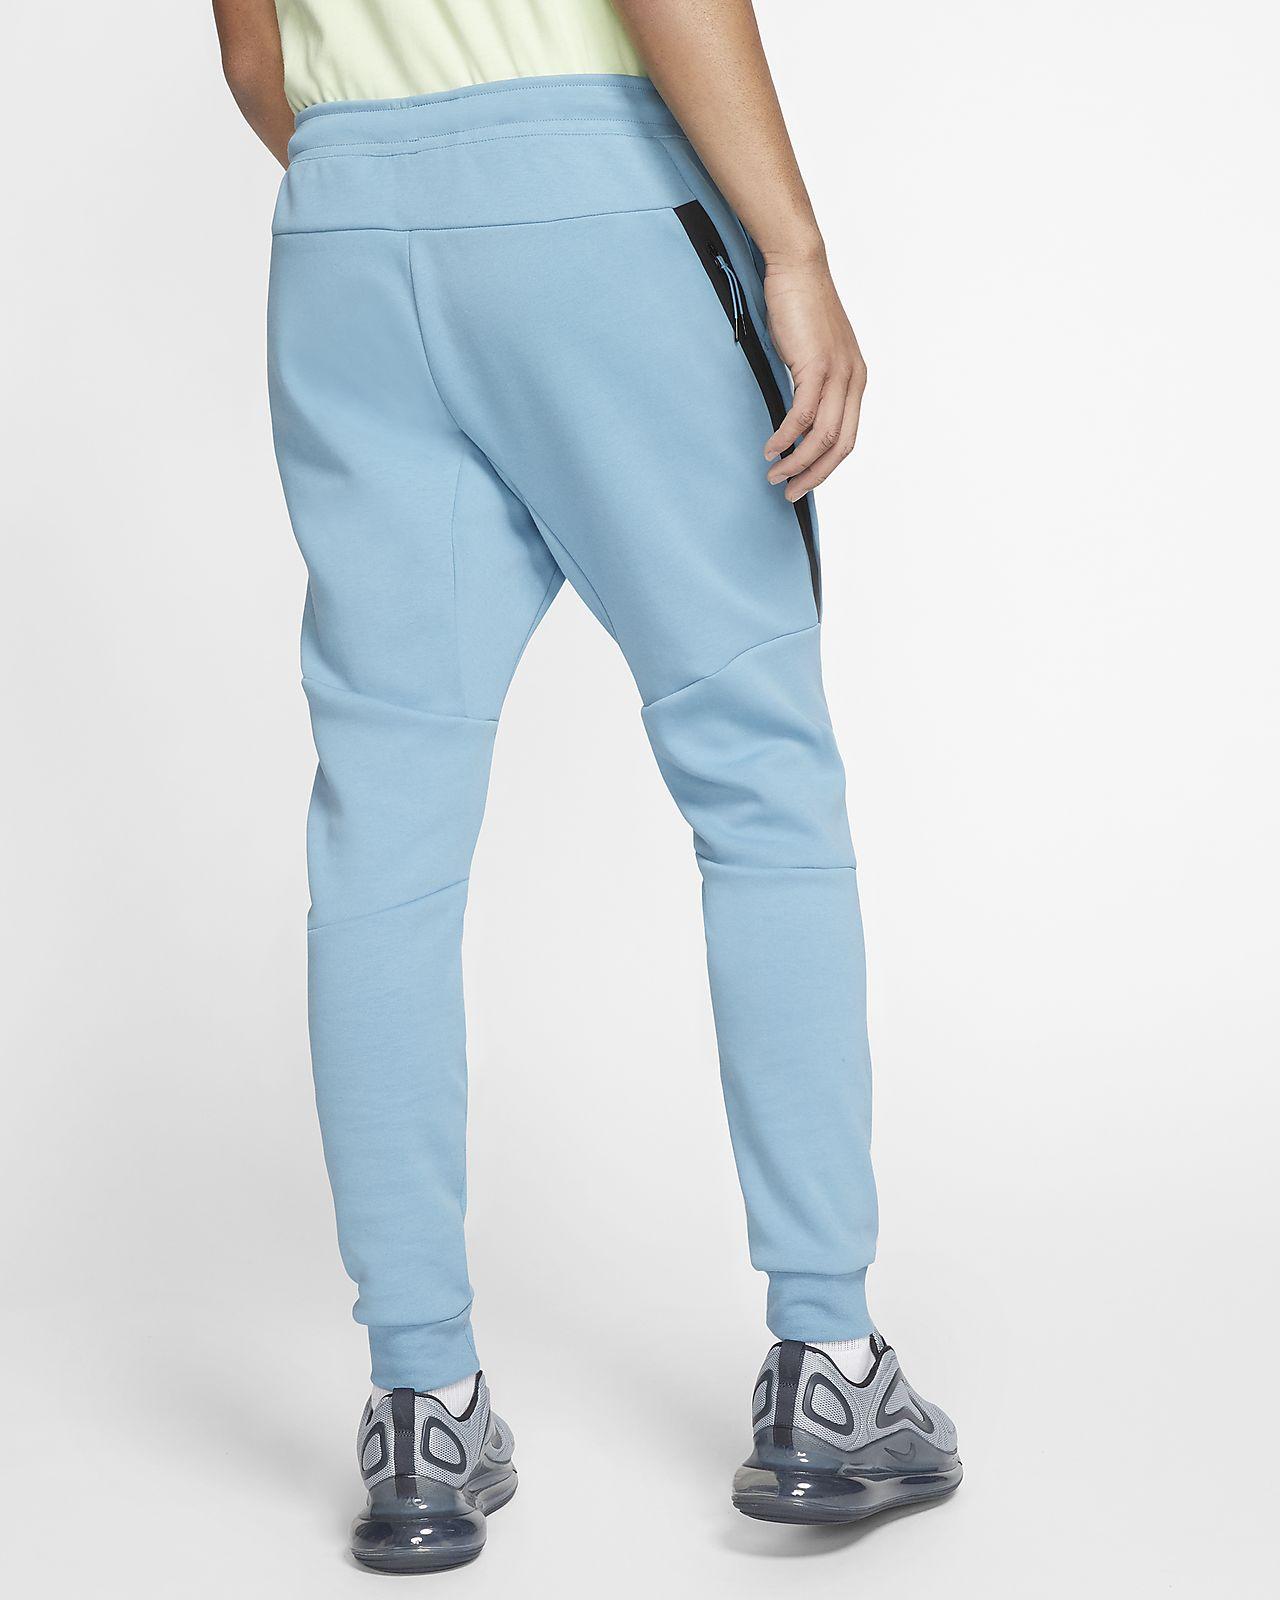 Caldo Nero Elasticizzato Jogger Pants Pantaloni Con Tasche Taglia 22 e 24